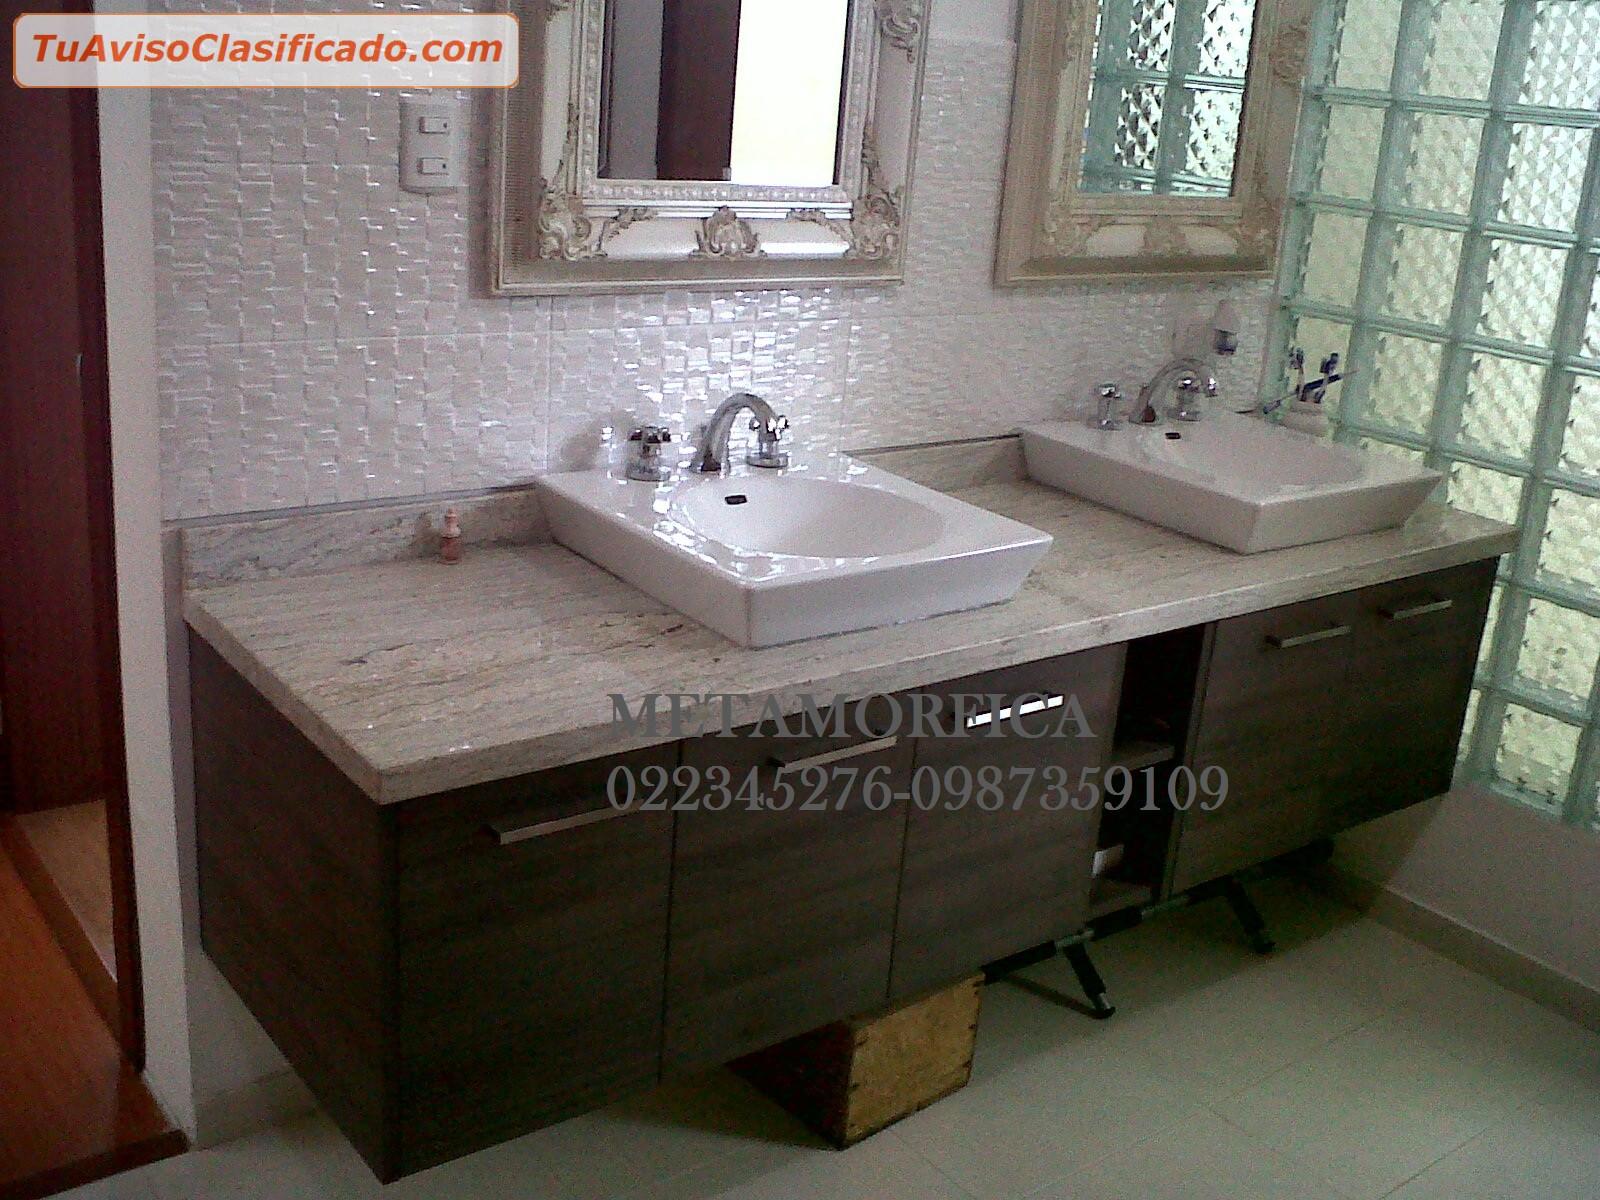 Pisos porcelanatos granito marmol tabloncillo duela for Casa de marmol y granito